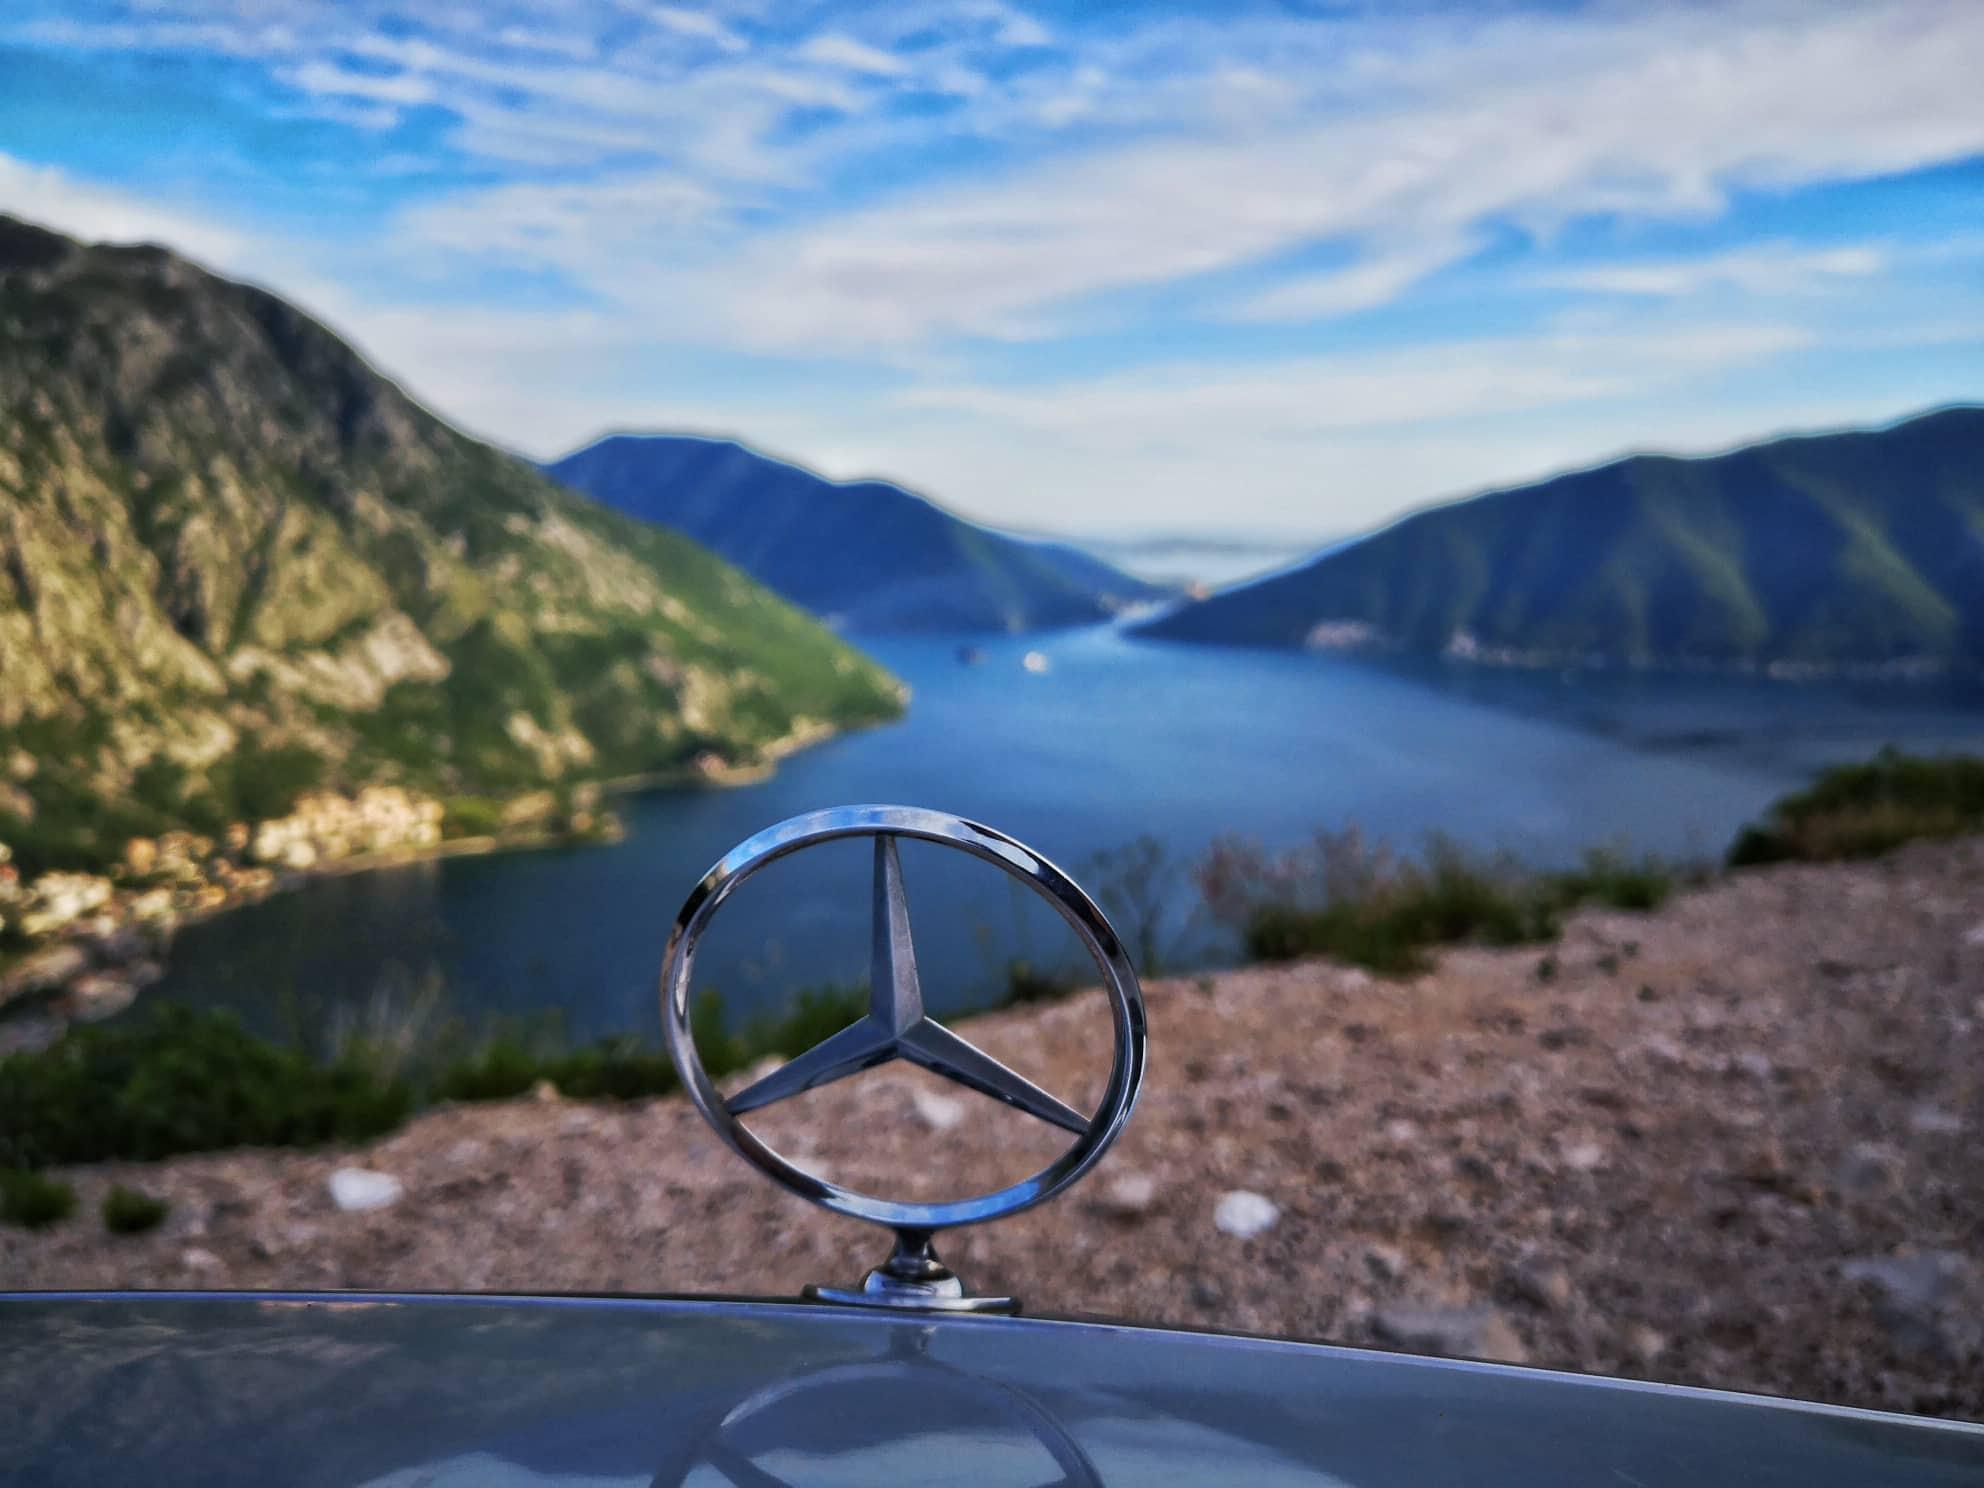 Članak o Imotskom na Reutersu u čast ljubavi prema Mercedesu